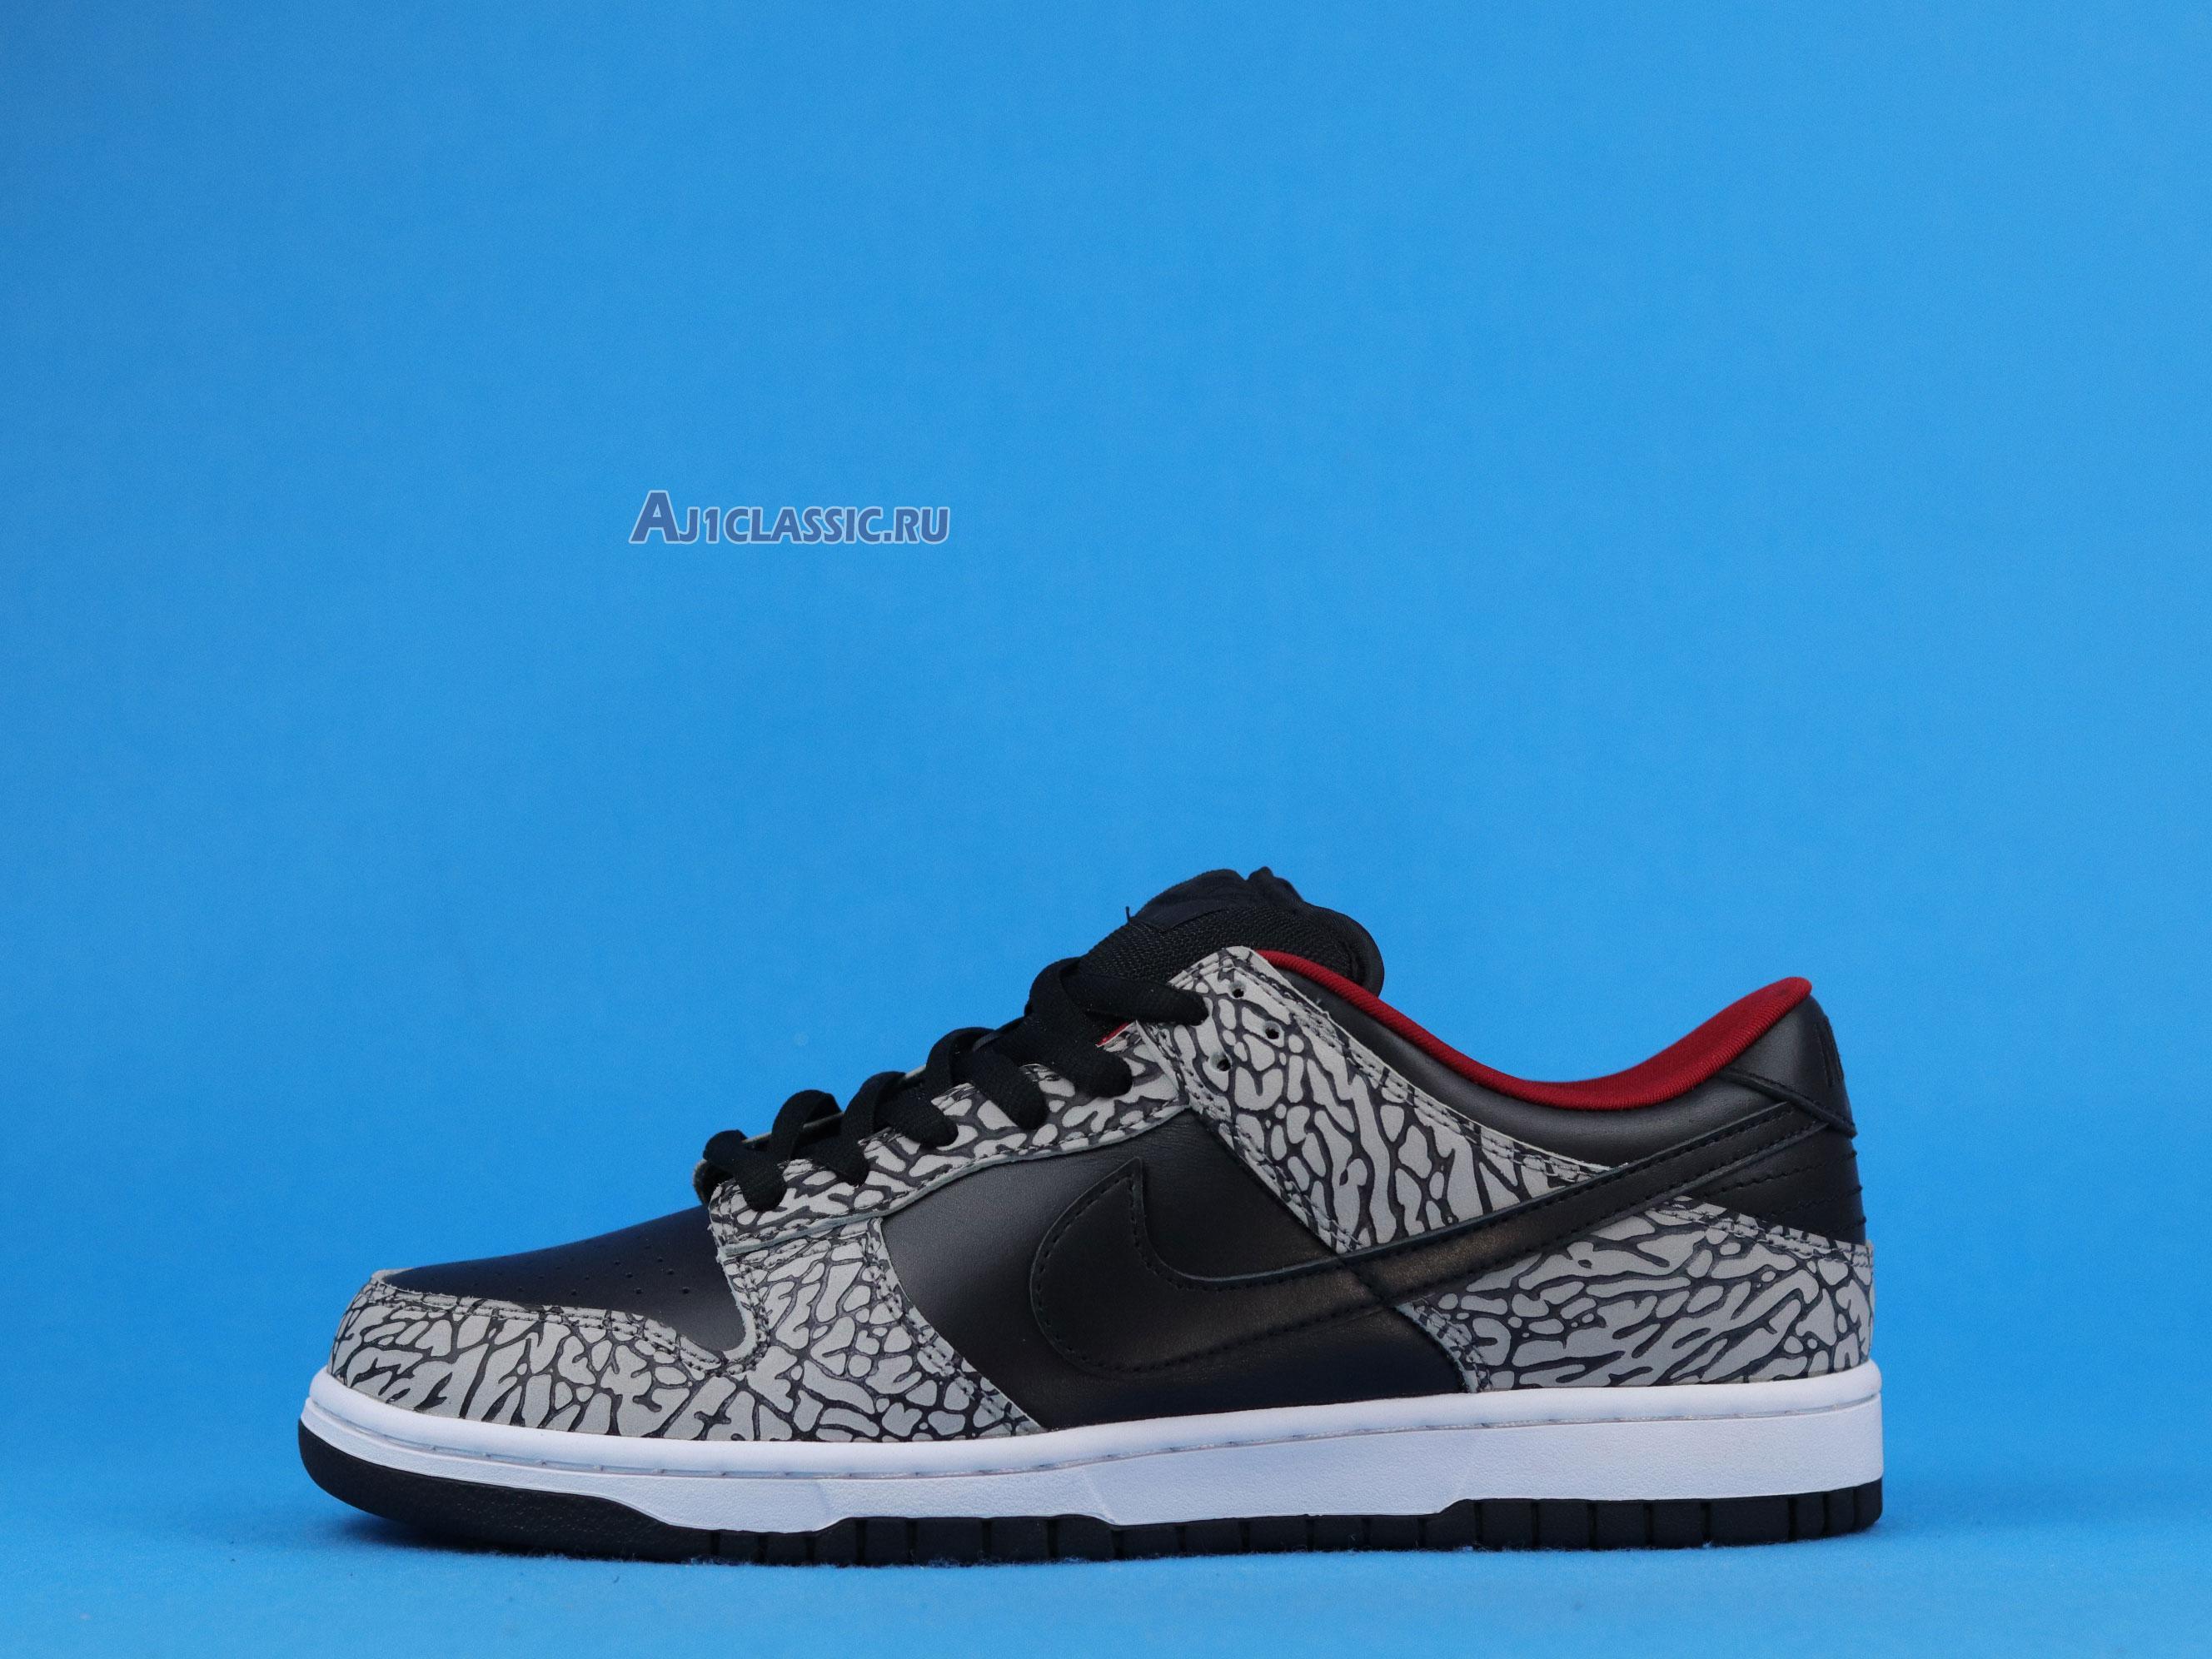 """Supreme x Nike Dunk Low Pro SB """"Black Cement"""" 304292-131"""